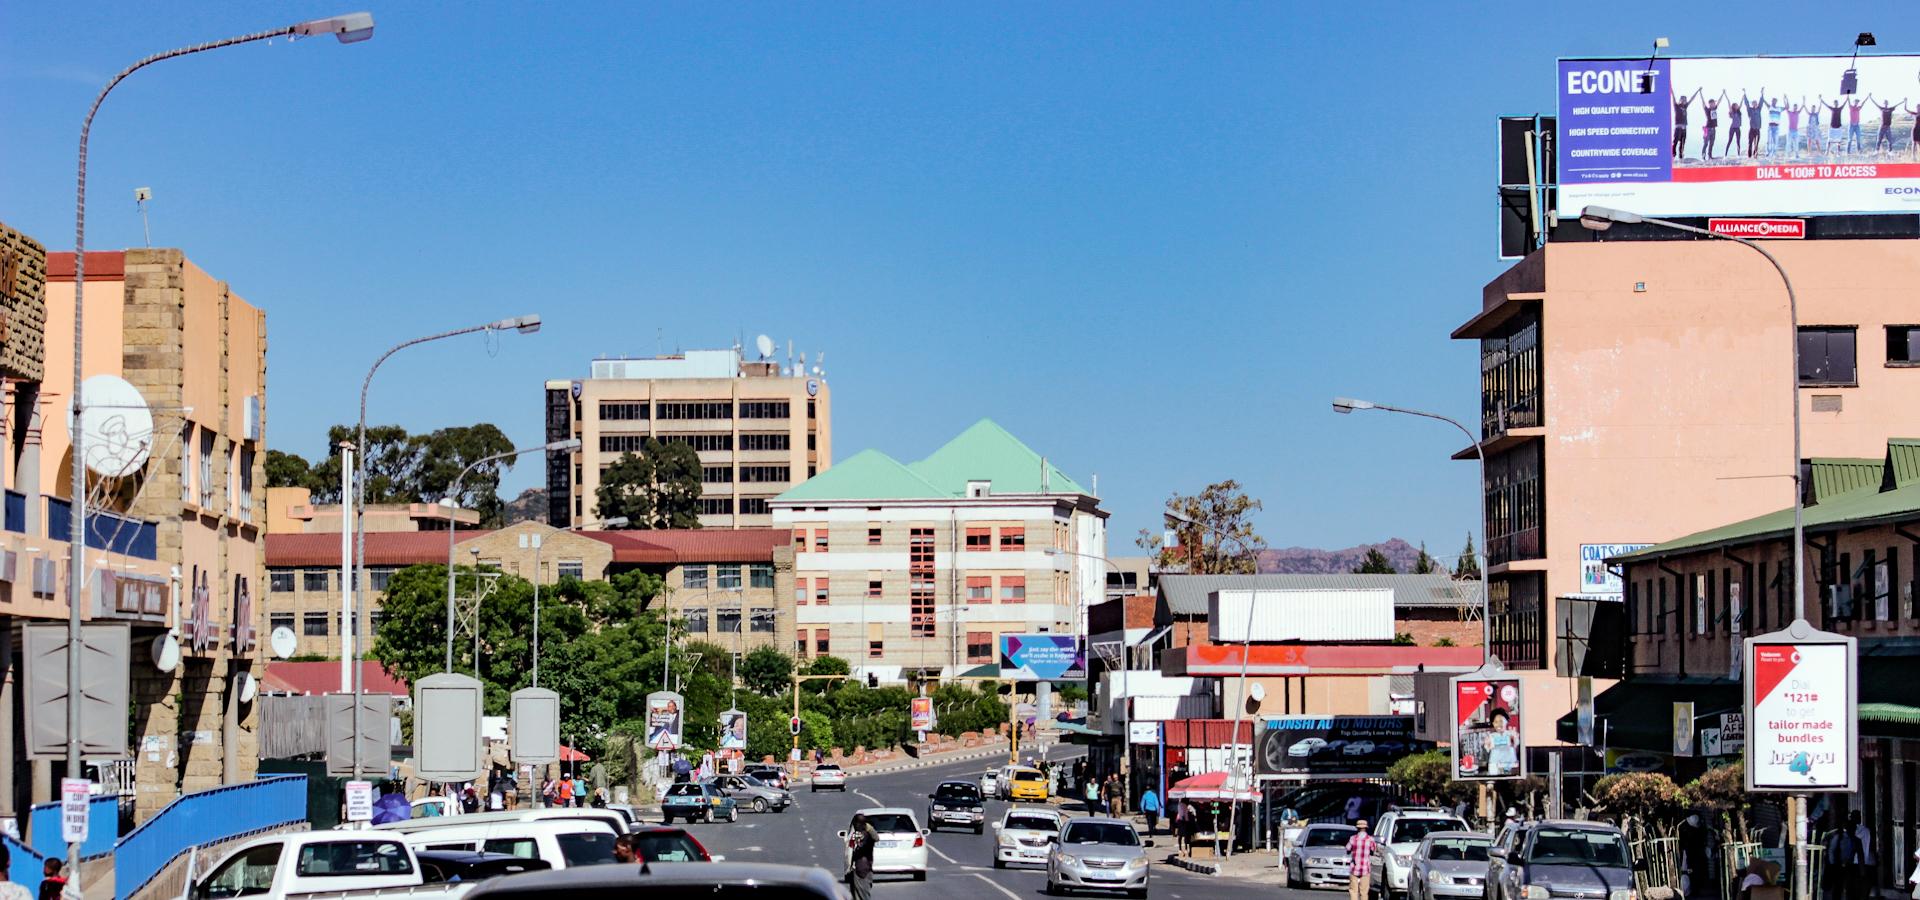 Peer-to-peer advisory in Maseru, Lesotho